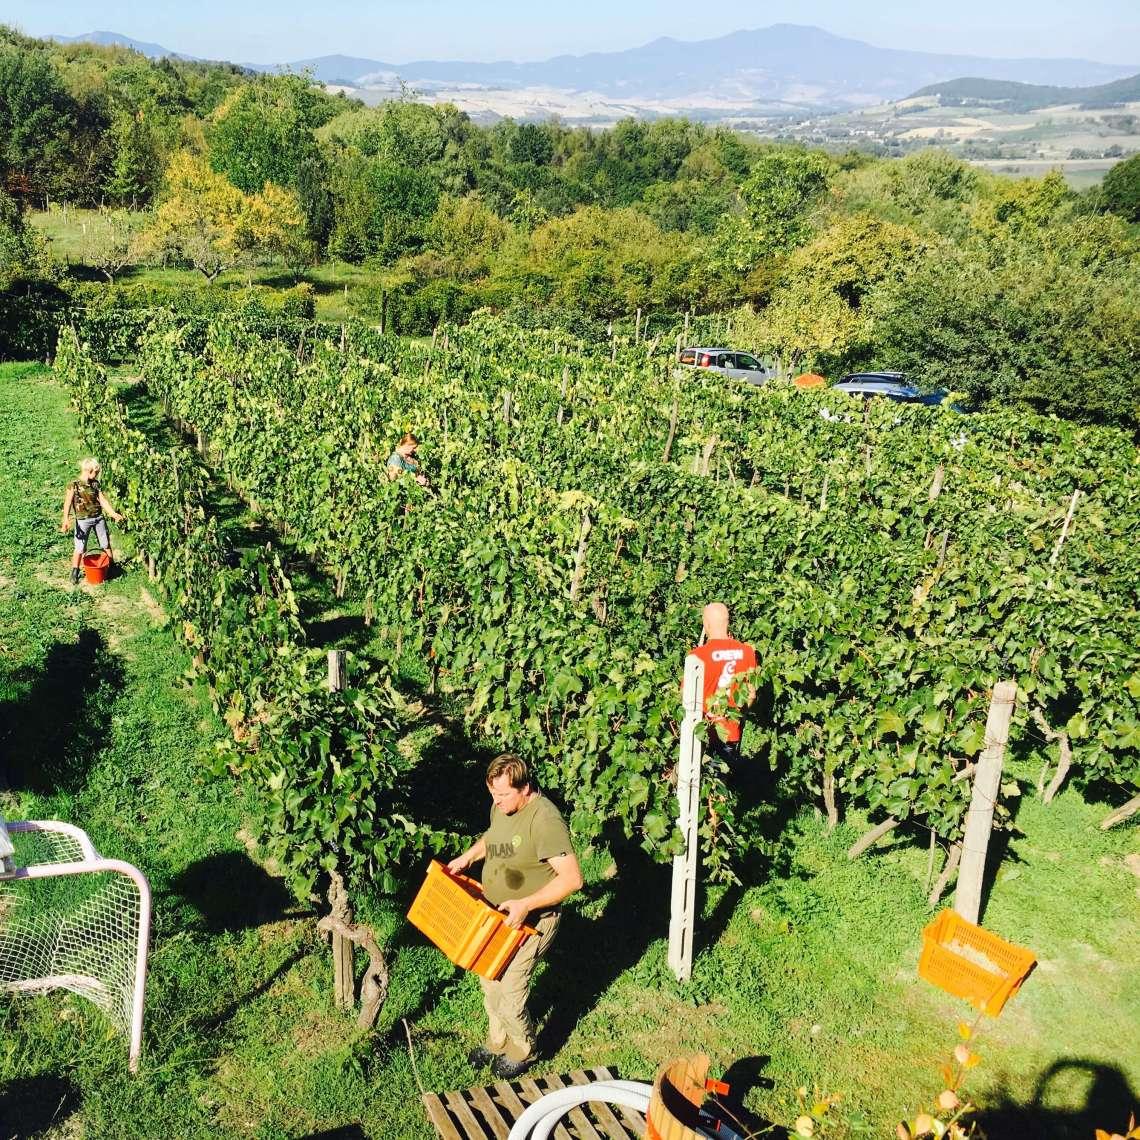 Det ble innhøsting av druer også i år på vingården i Acquapendente i Italia. Aldri har det vært så lite, men kanskje blir det tidenes beste vin?